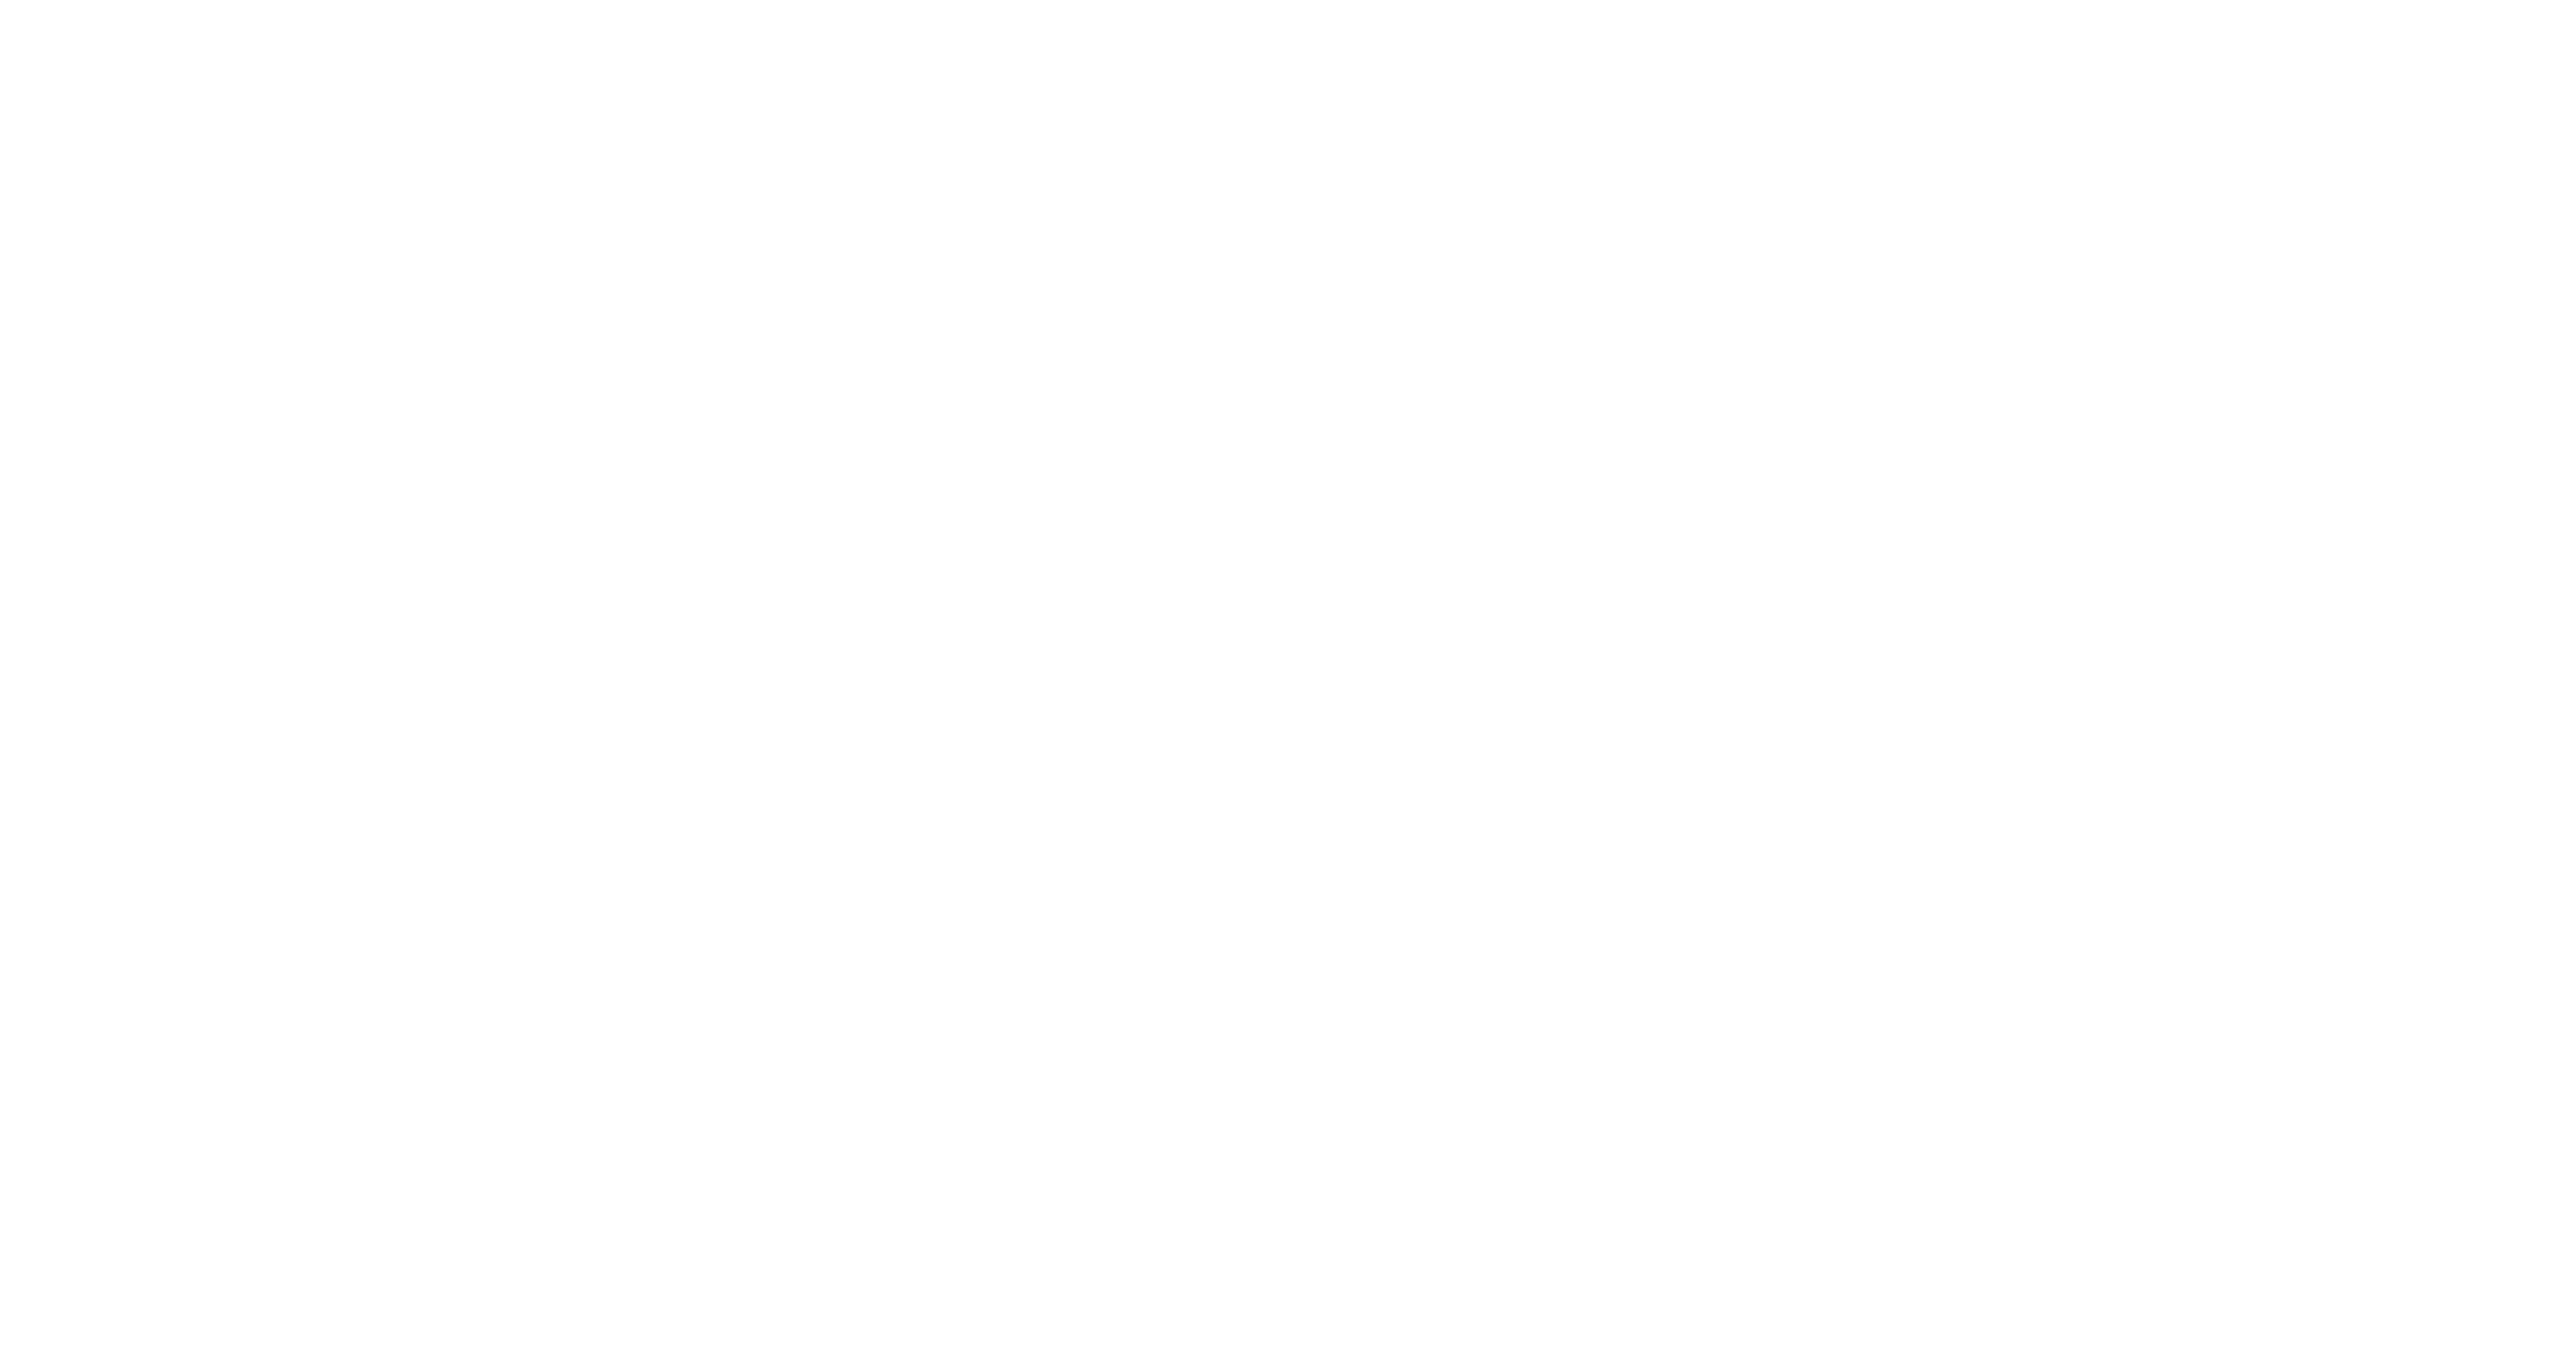 image de fond bulle